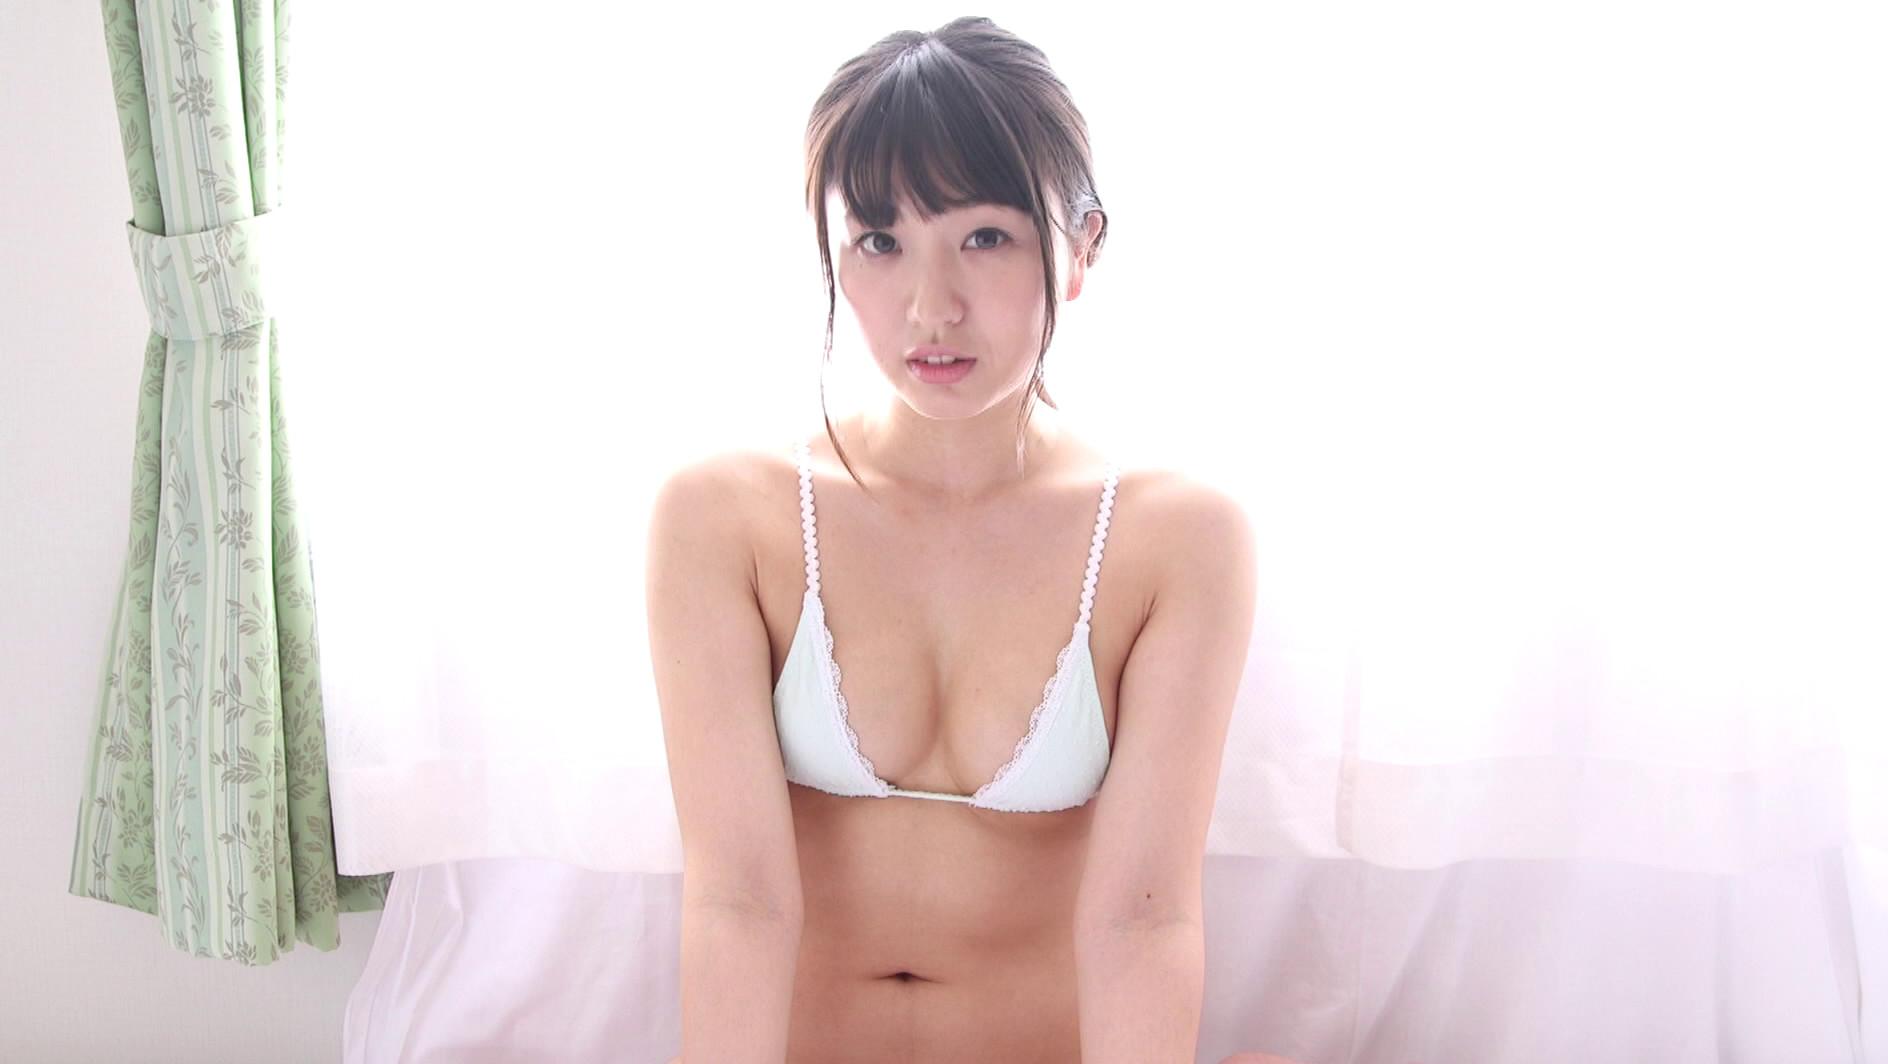 柔肌によせて 椎名香奈江18